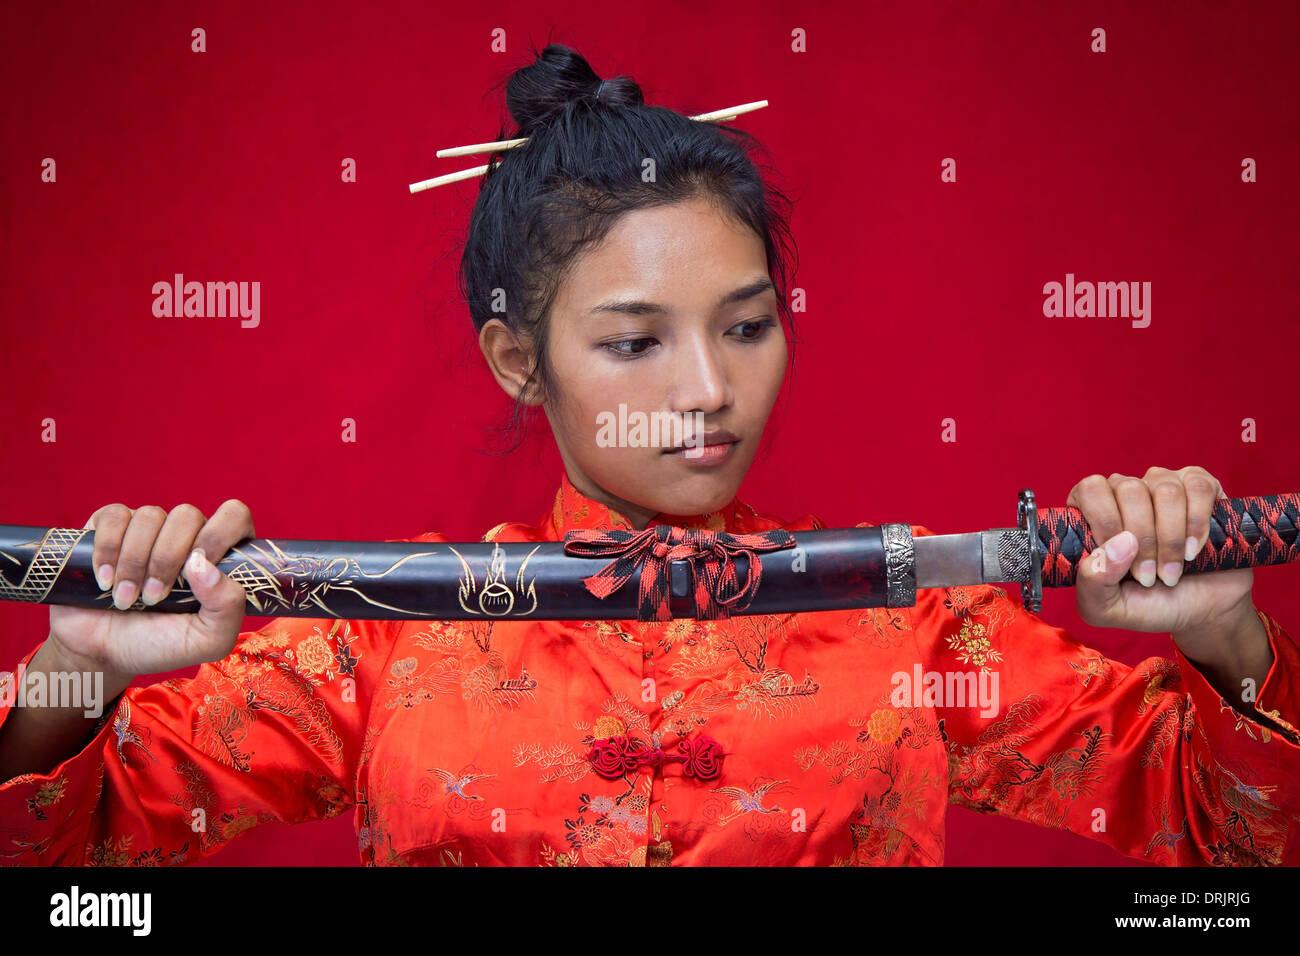 Mujer Asiática sosteniendo una espada Foto de stock